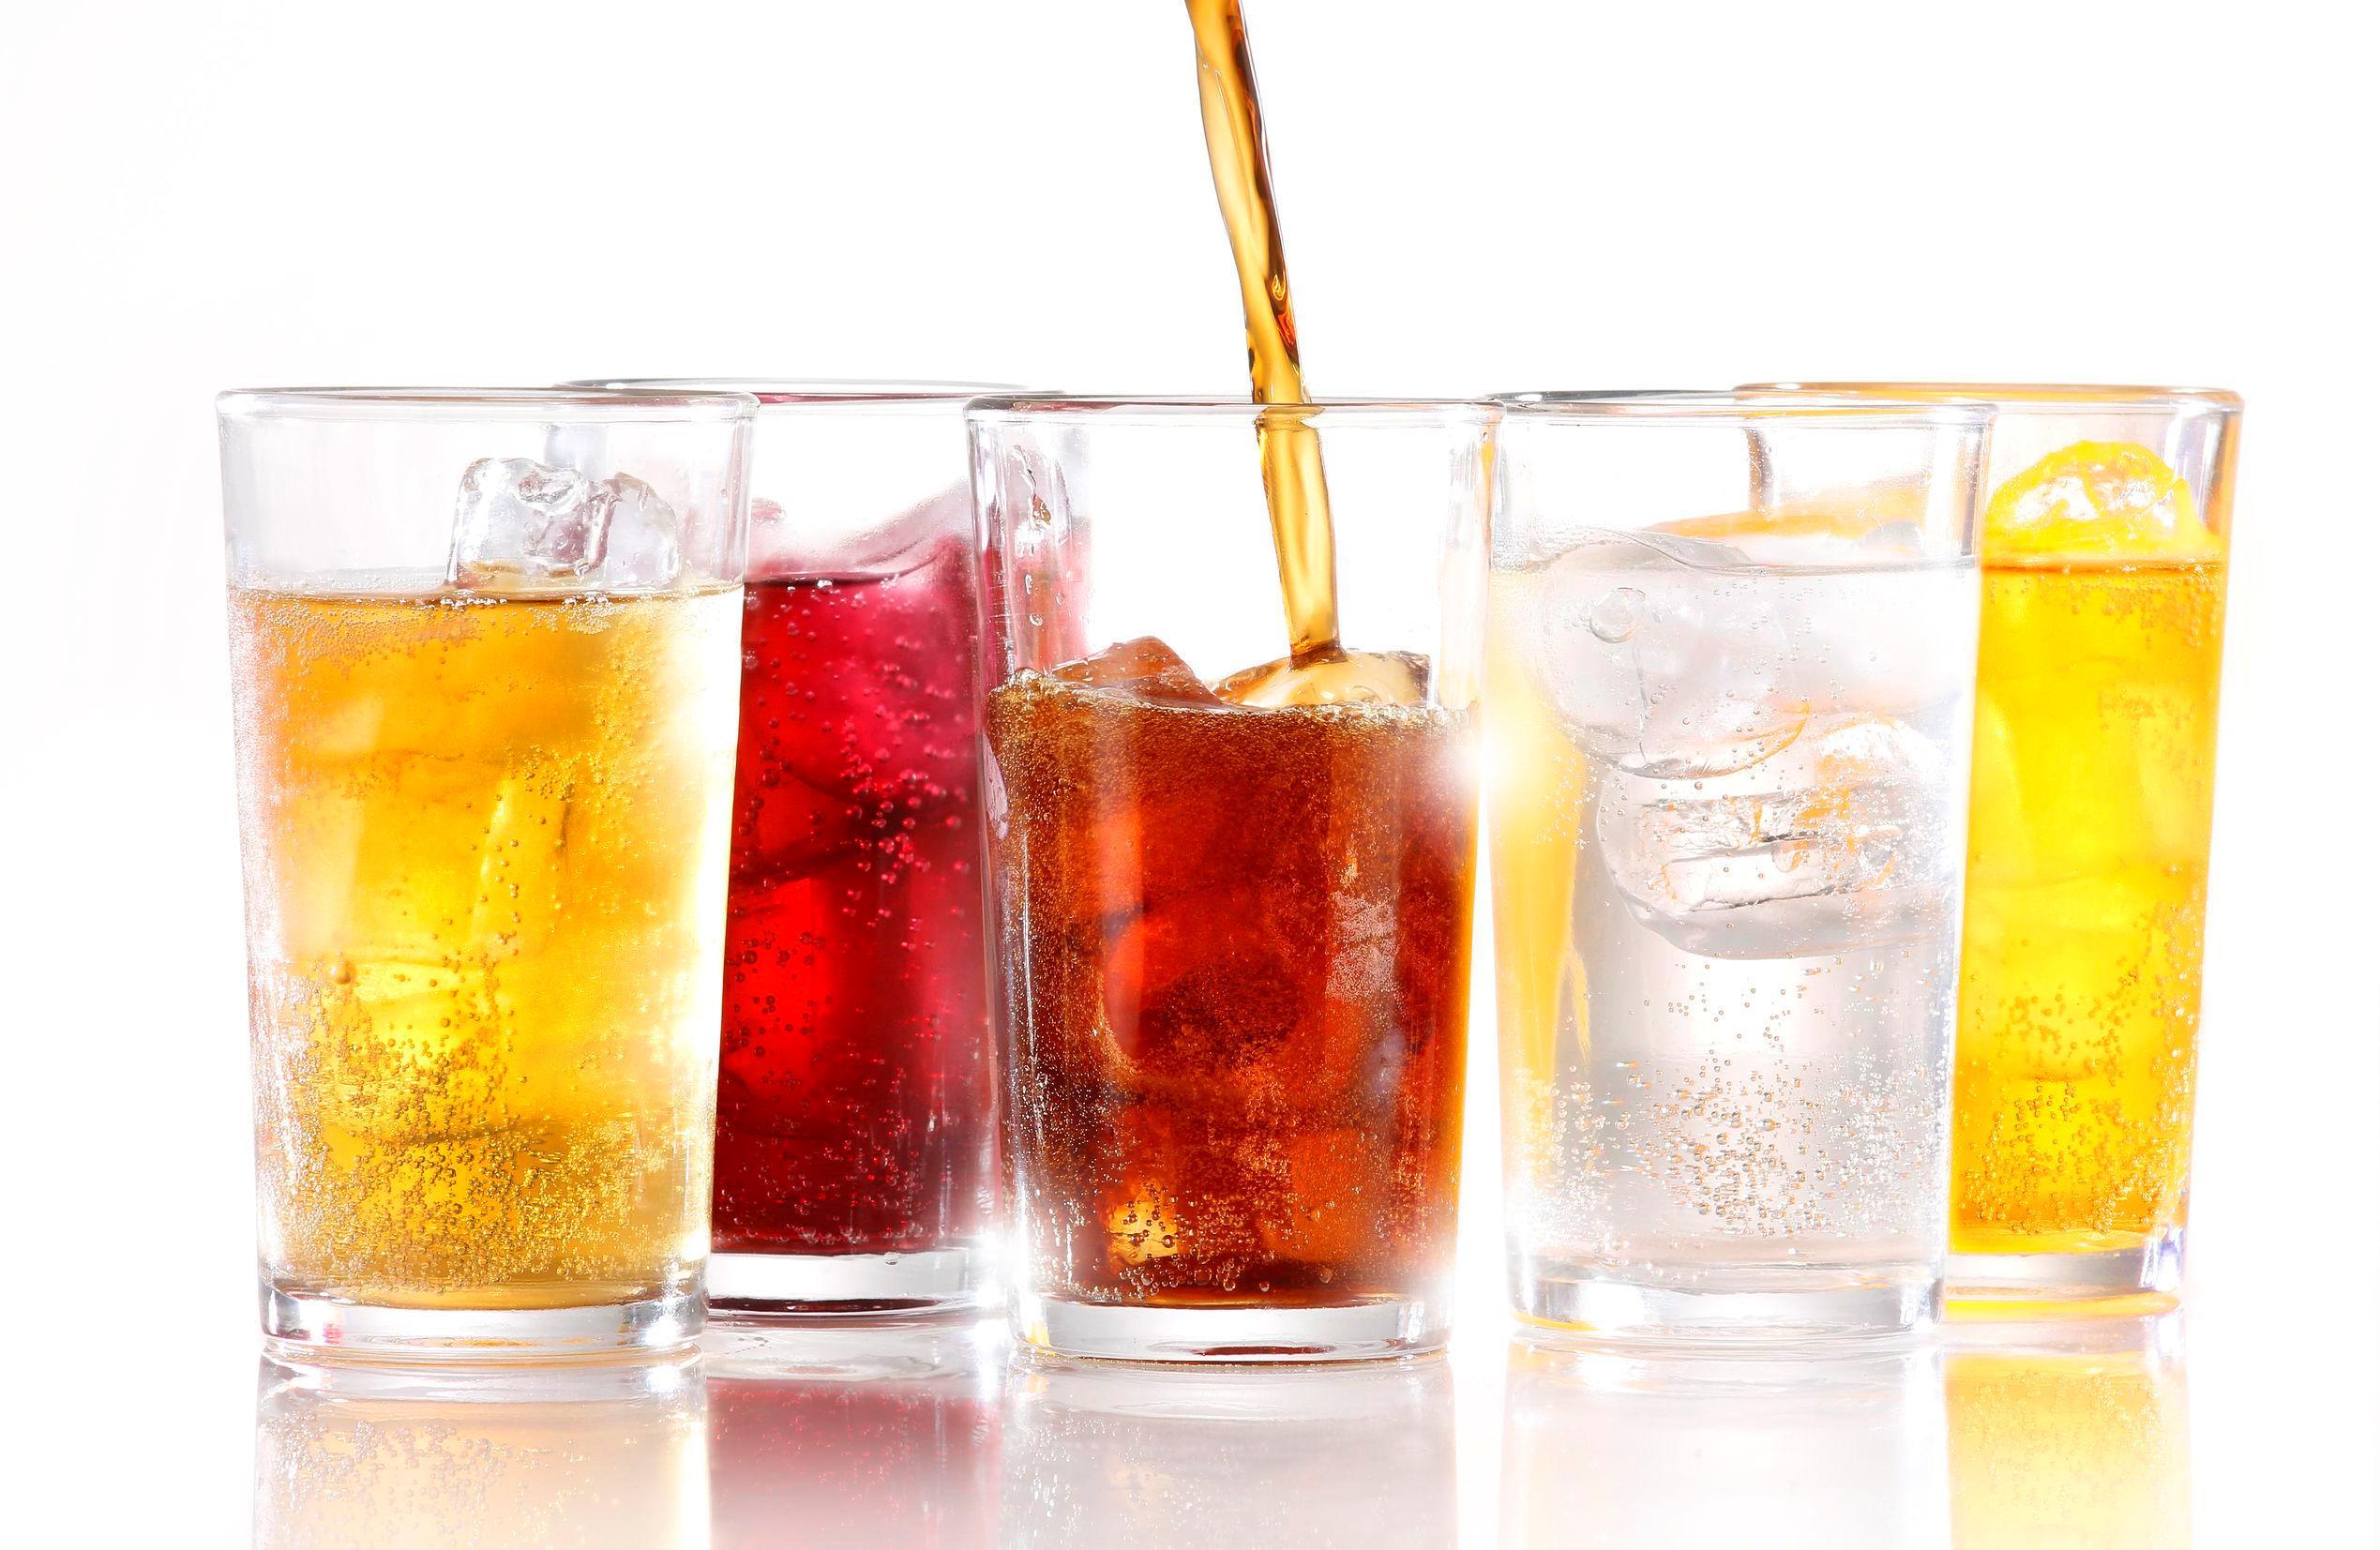 Soda: